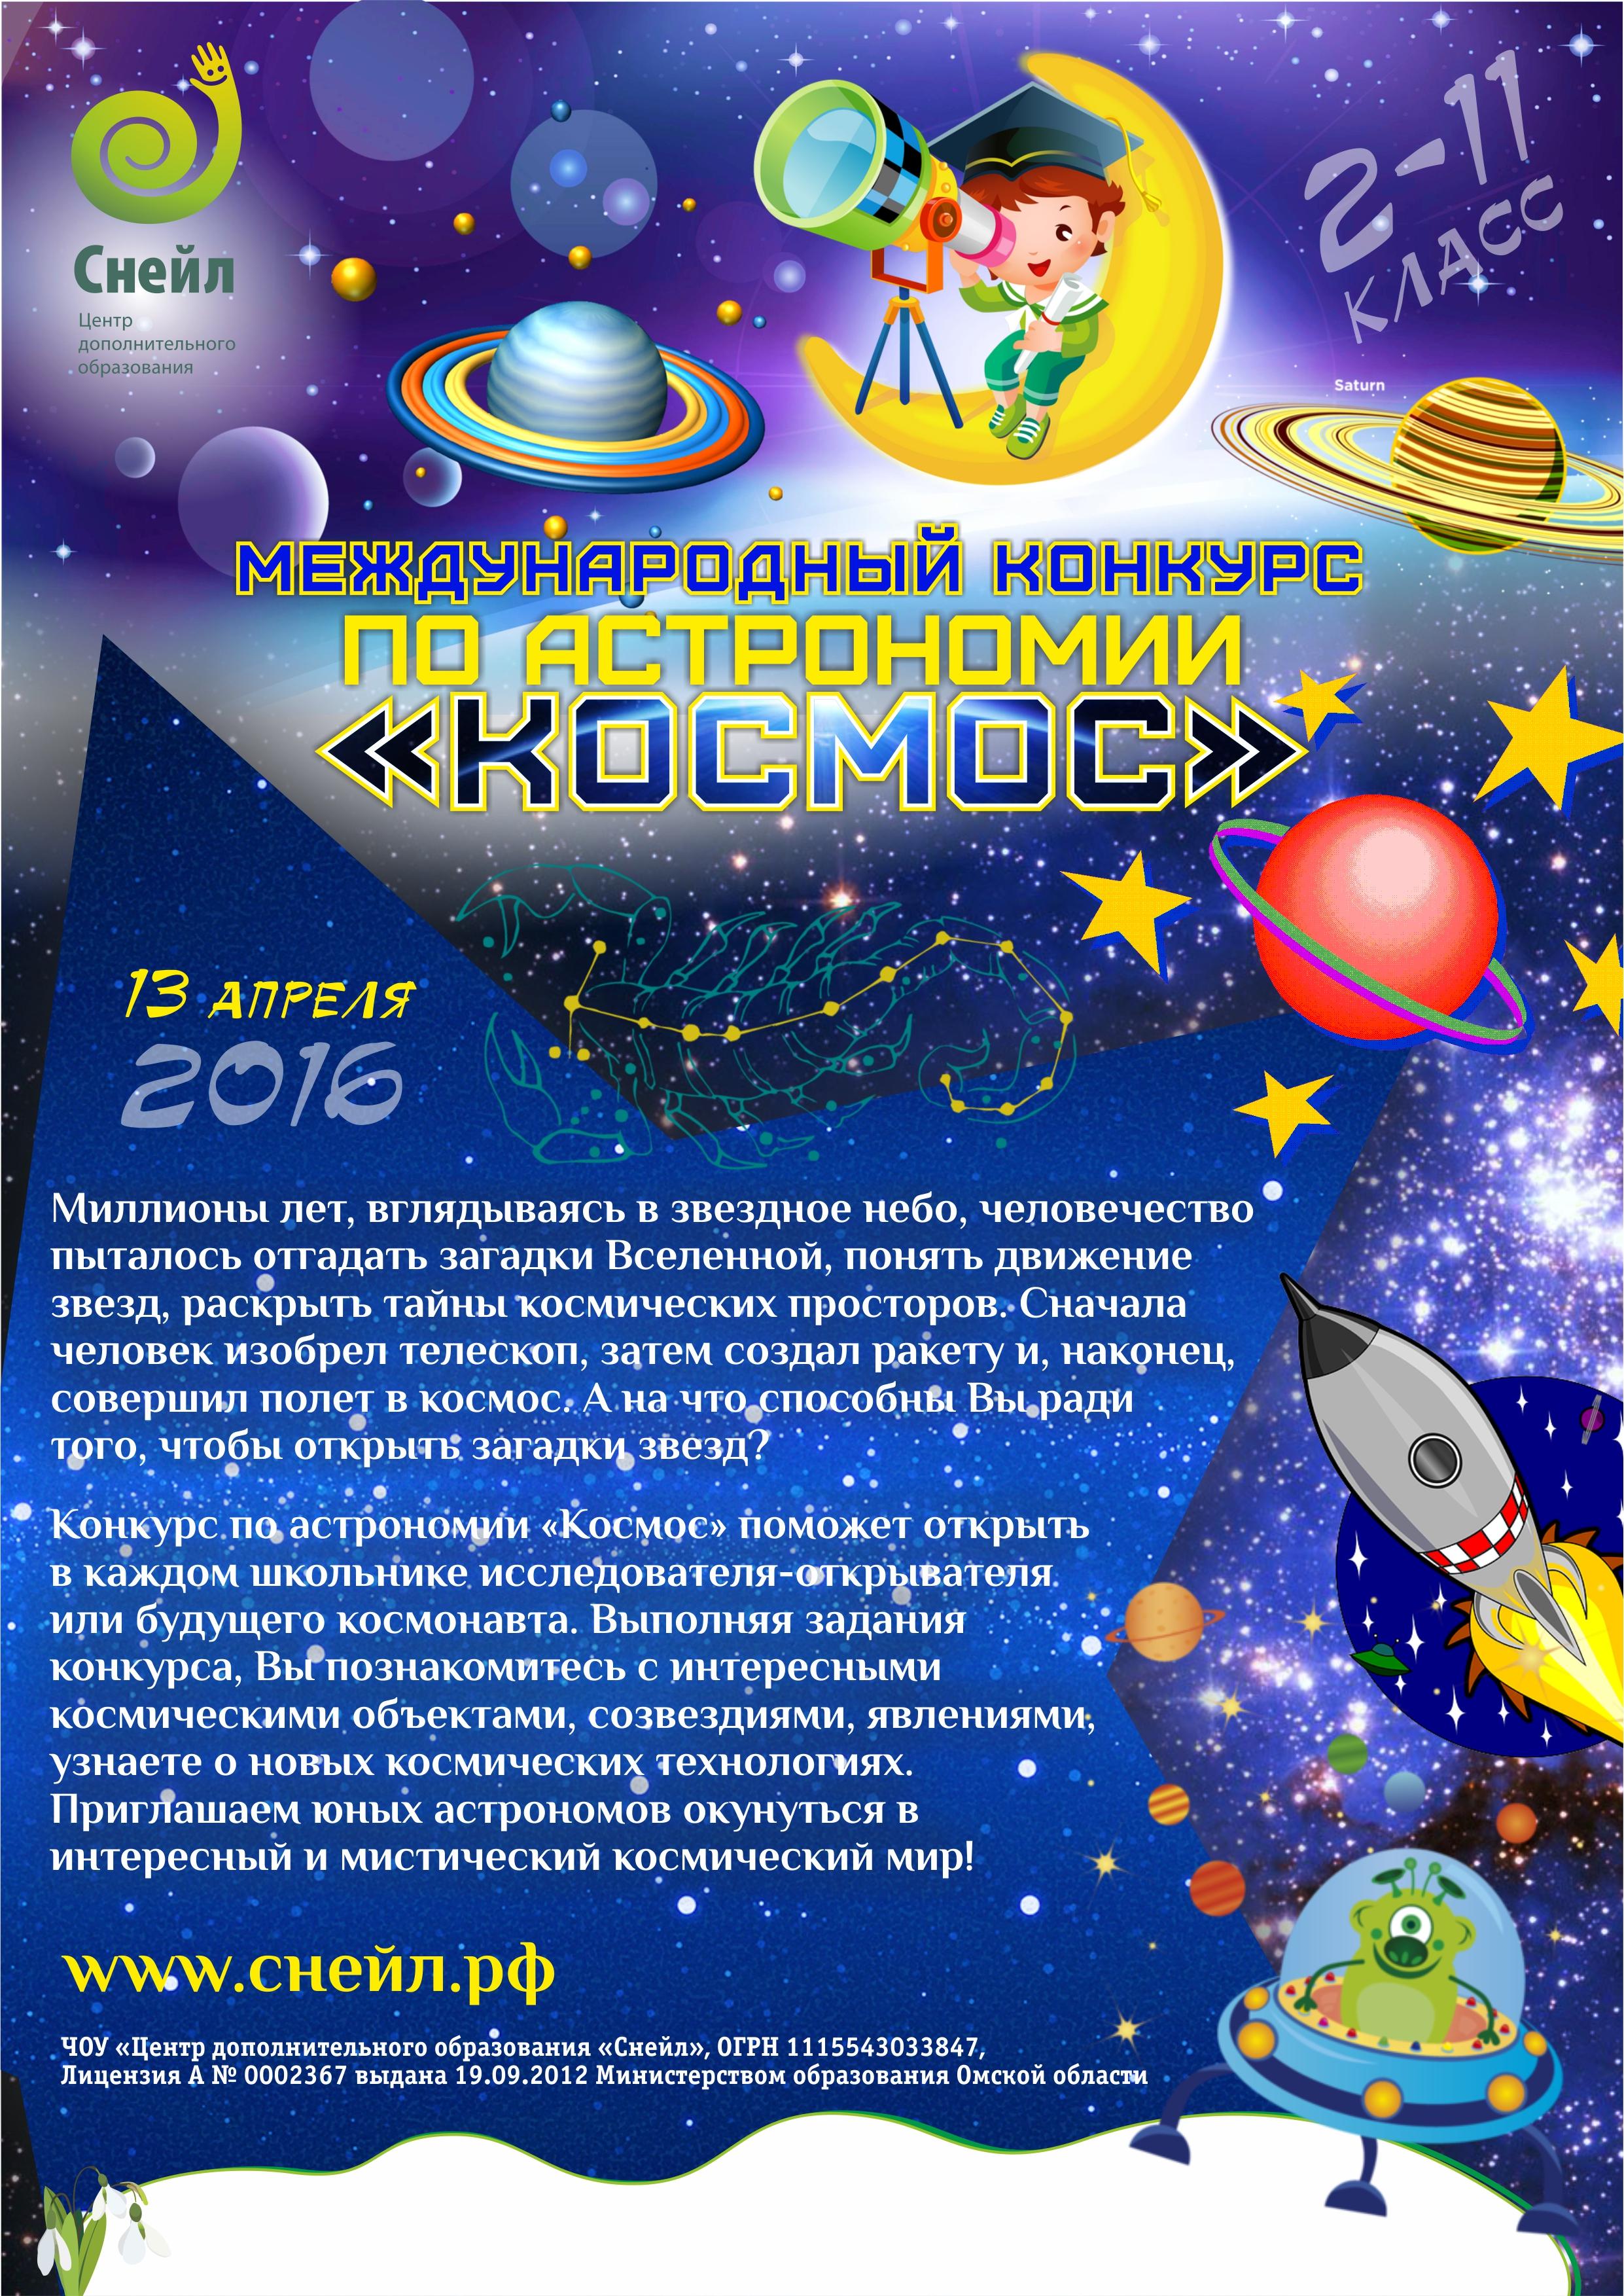 По астрономии - a